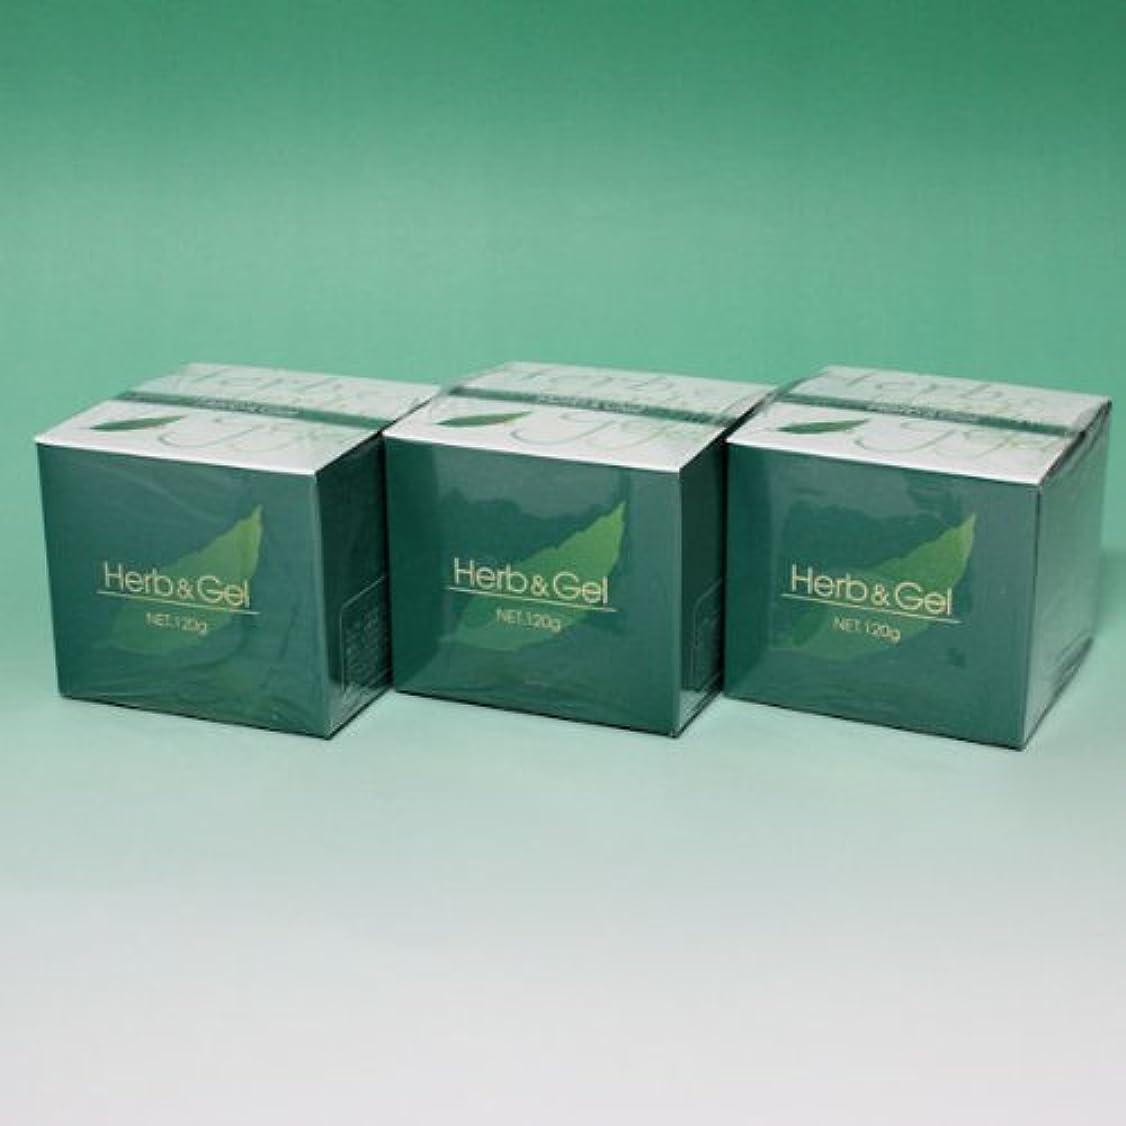 またはどちらか明るくする満州ハーブアンドゲル 天然ハーブエキス配合 120g×3瓶セット (4580109490026)